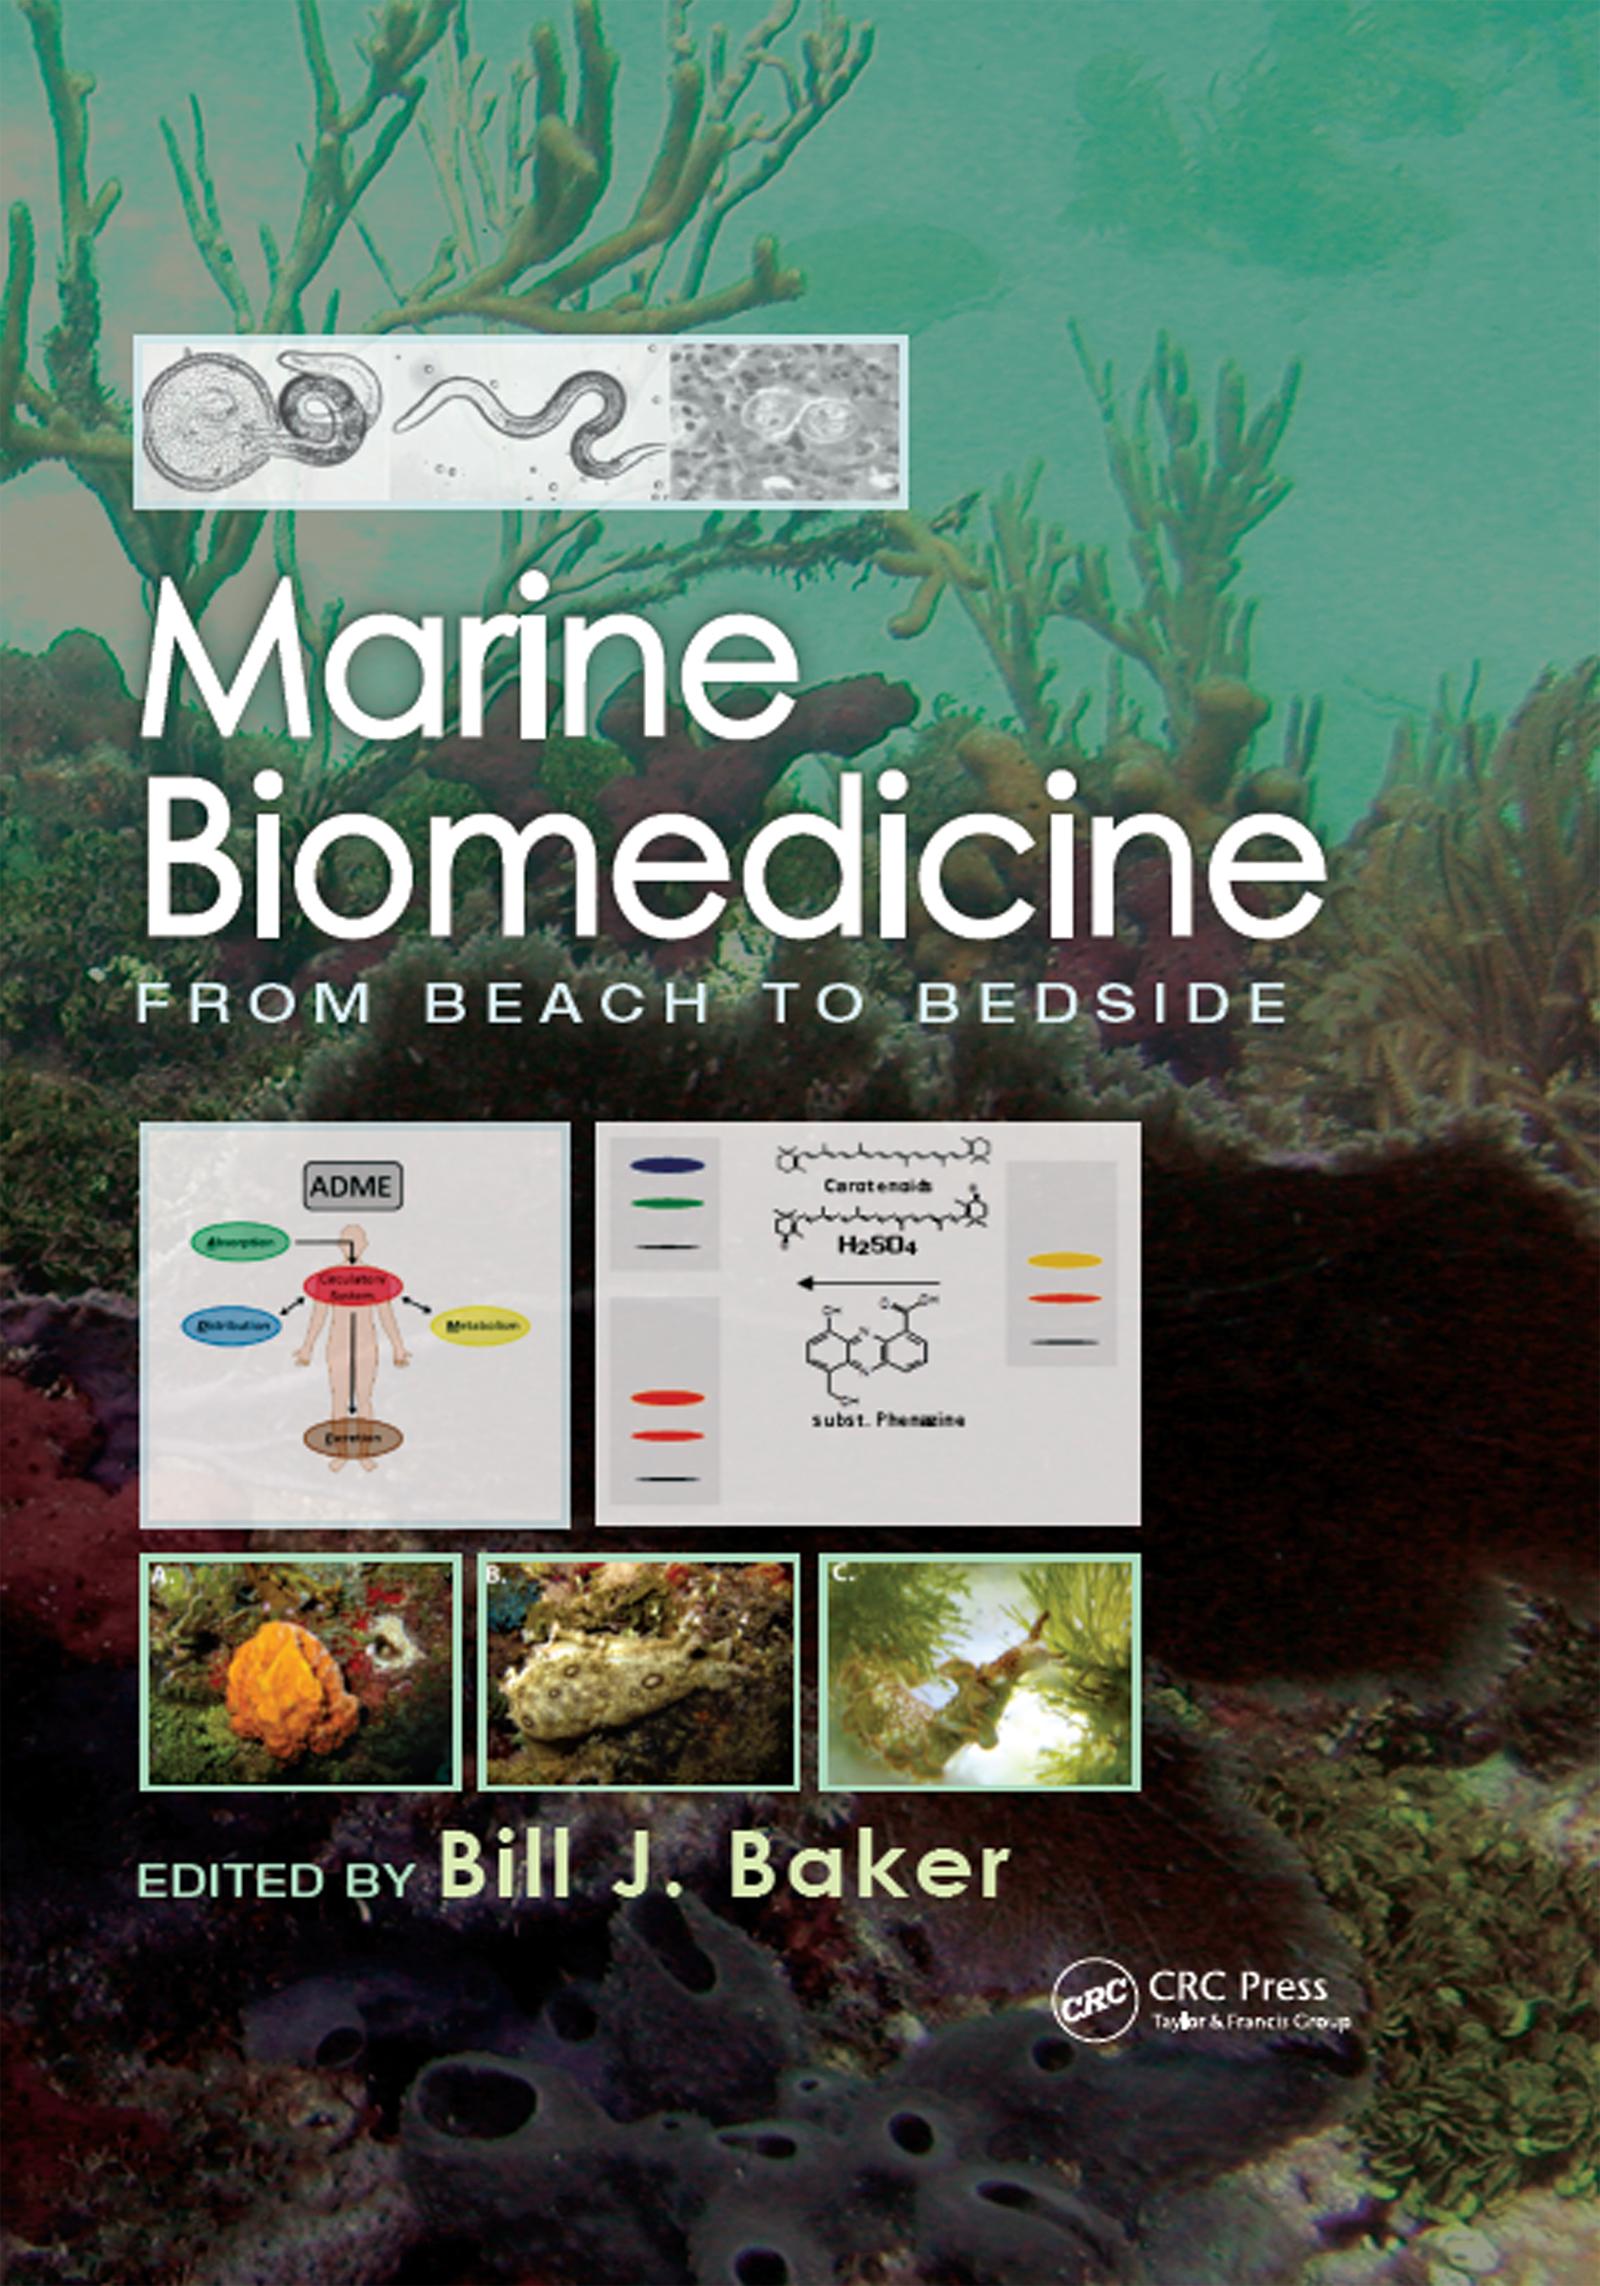 Marine Biomedicine